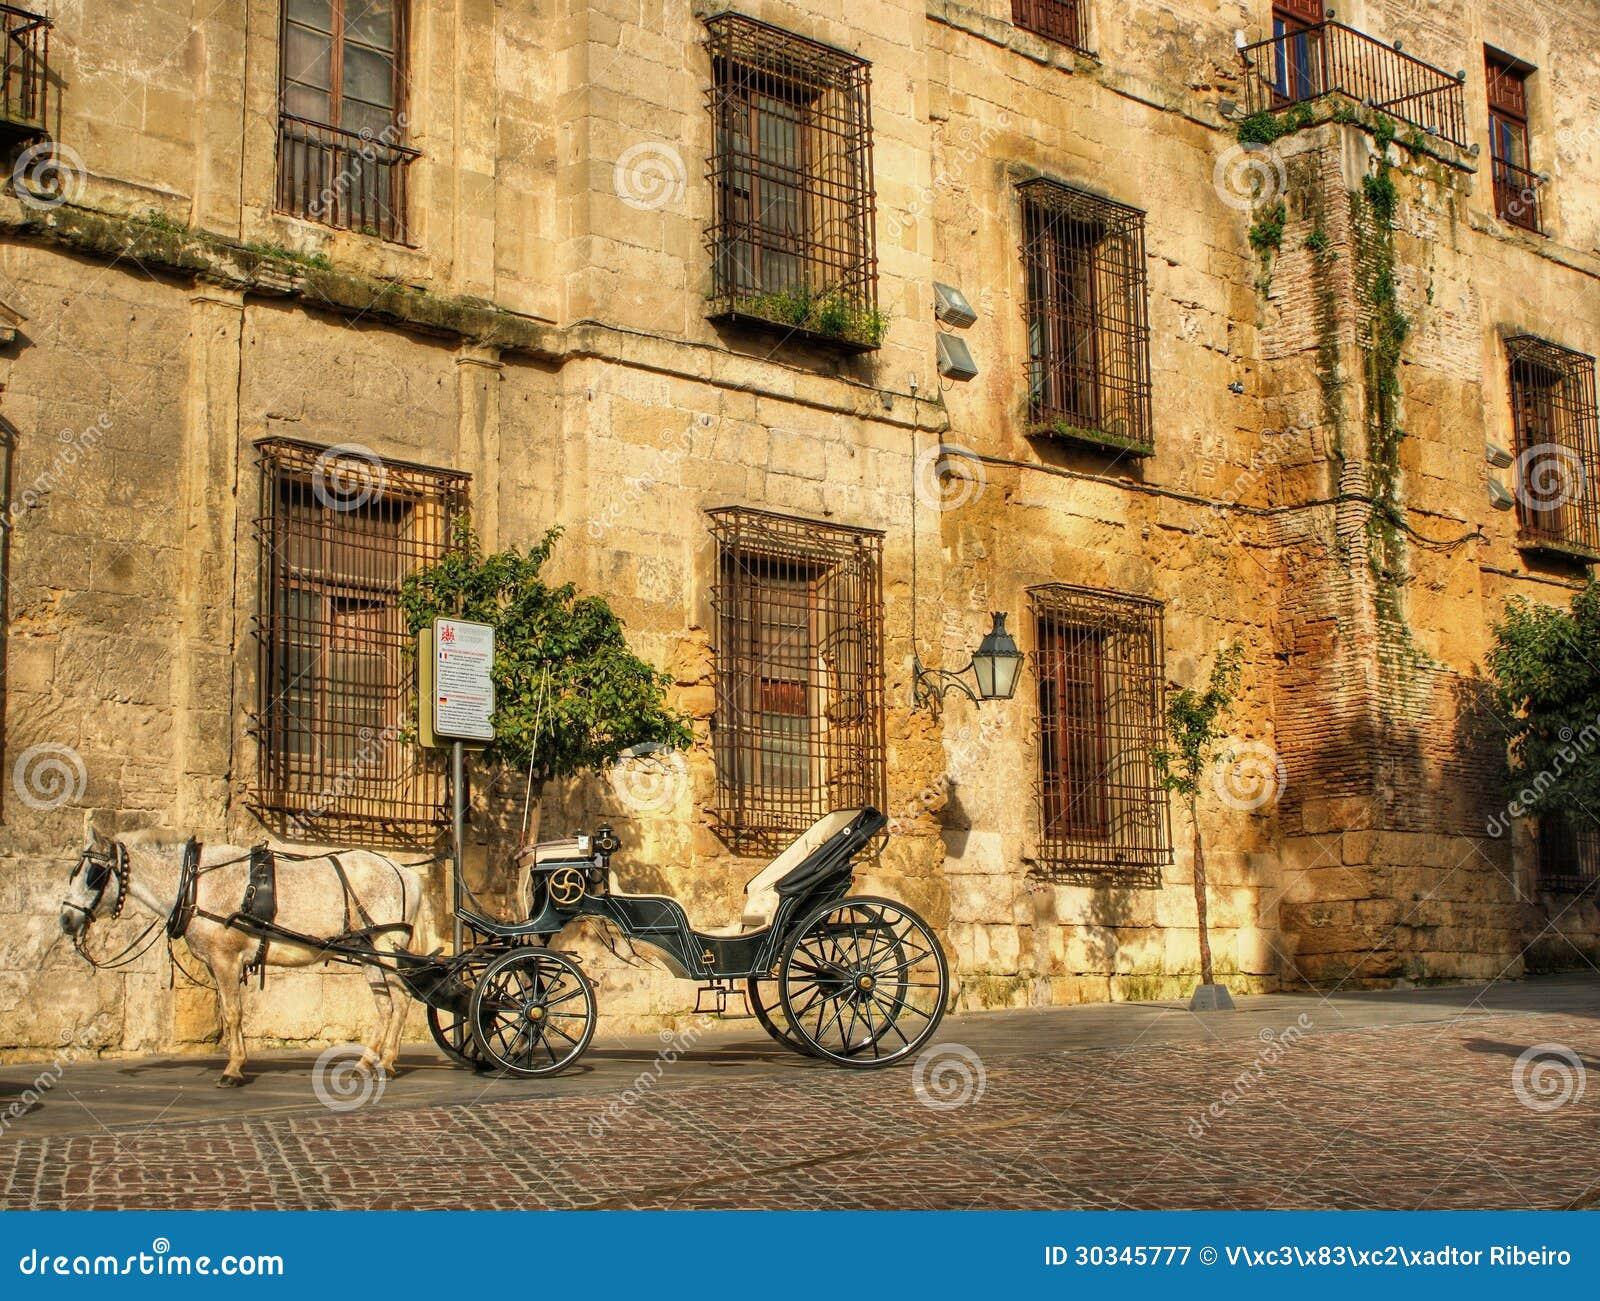 Traditional horse and cart at Cordoba